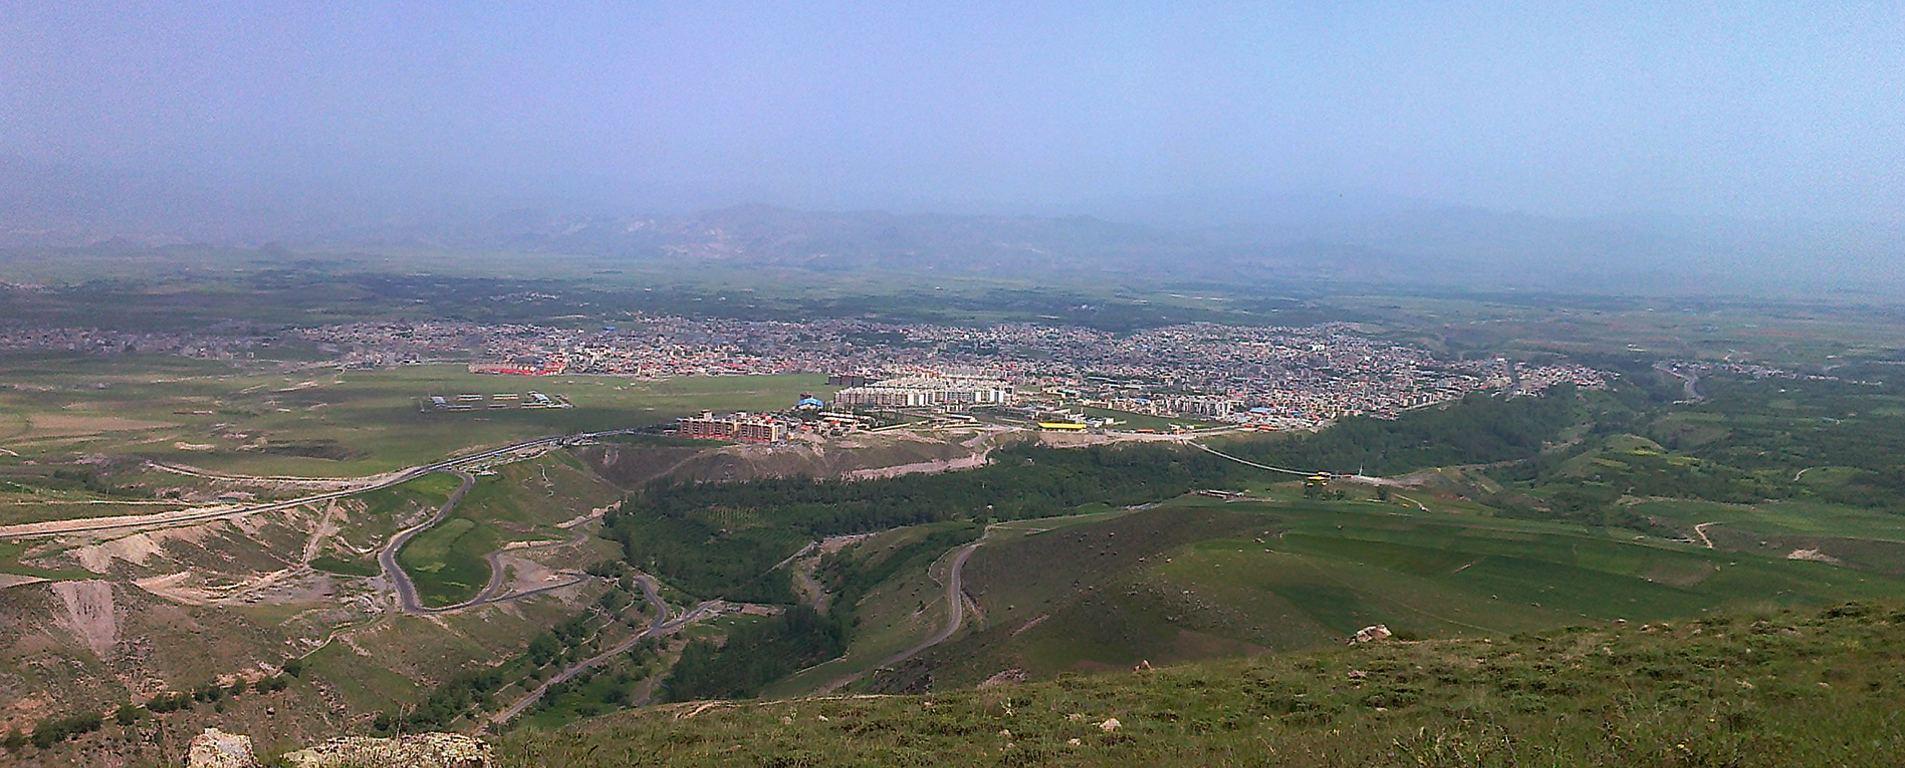 جاهای دیدنی مشگین شهر ، نمایی باستانی در طبیعت ناب آذربایجان